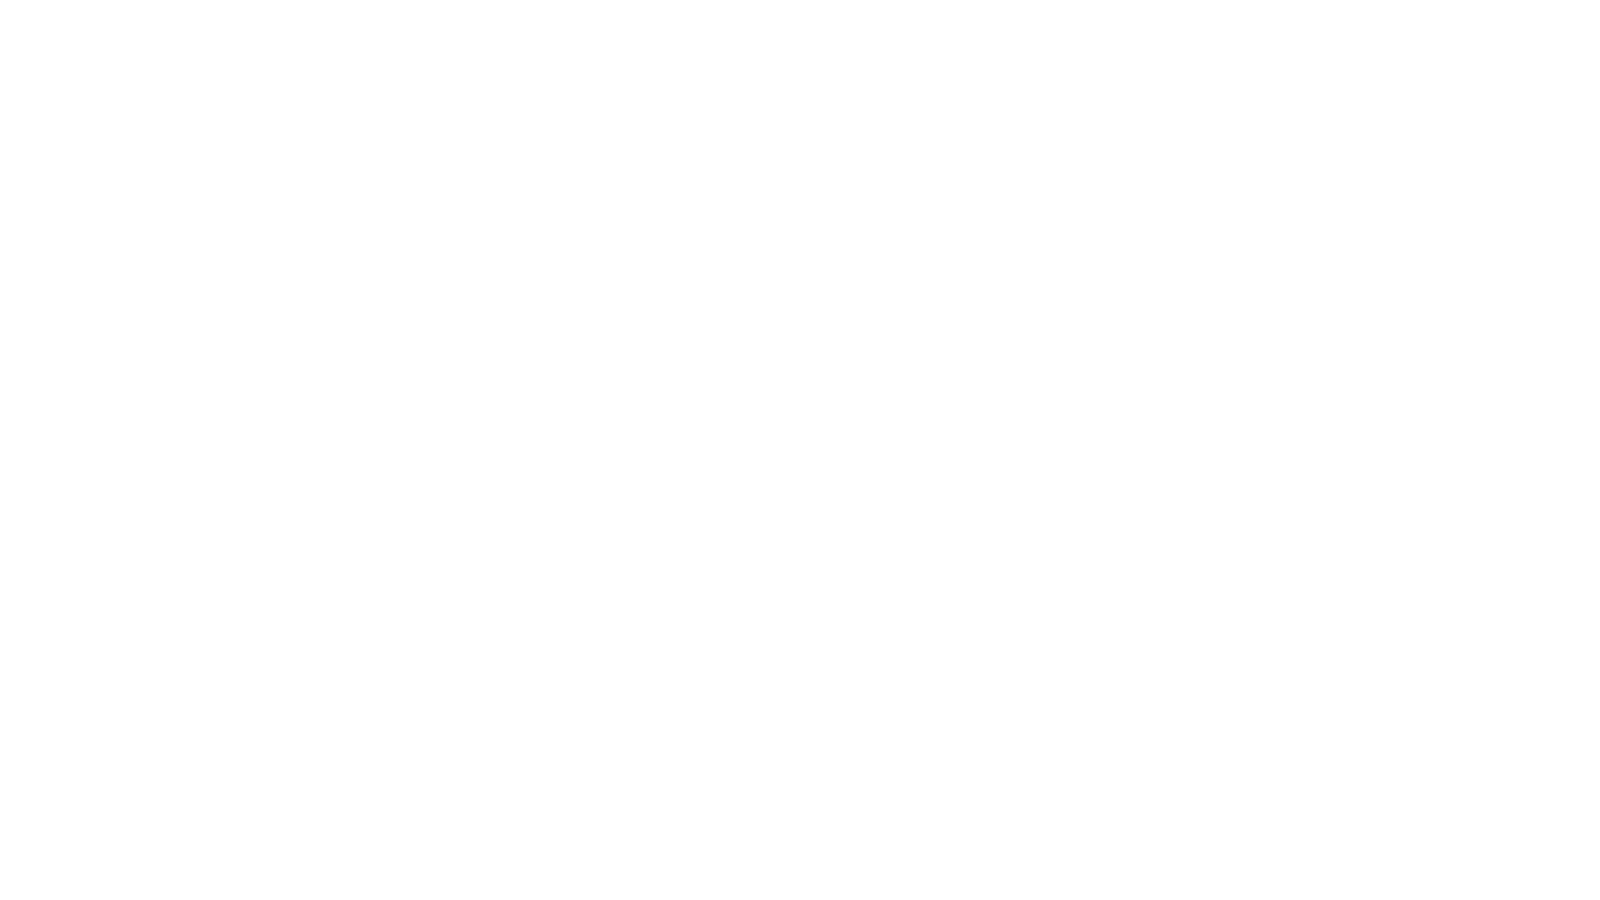 Vuoi vederli tutti con il video e la spiegazione tecnica completa ? Diventa uno di noi https://www.sie.cloud/preiscriviticandidati/ Sostieni i nostri progetti https://www.sie.cloud/sostienici/  00:20 Come creare un server linux su Amazon Web Services 00:33 Come far girare un bot telegram sul tuo server linux 00:55 Da zero a youtuber con software libero 02:01 Assistenza Remota per gli Artigiani Digitali 02:14 il rigenerato, donazioni e build gaming 02:20 nasce il blog https://www.aspierina.it 02:30 nascita di https://smallerquark.sie.cloud 02:44 racolta fondi - folding@home BitGreen Italia 03:00 Treedom 03:11 Sostienici  www https://www.sie.cloud  facebook https://www.facebook.com/soluzioninformetiche twitter https://twitter.com/InfomEtica  Instagram https://www.instagram.com/soluzioninformetiche  Music by Alexander Nakarada https://www.youtube.com/watch?v=vBs7w_Q-1G0